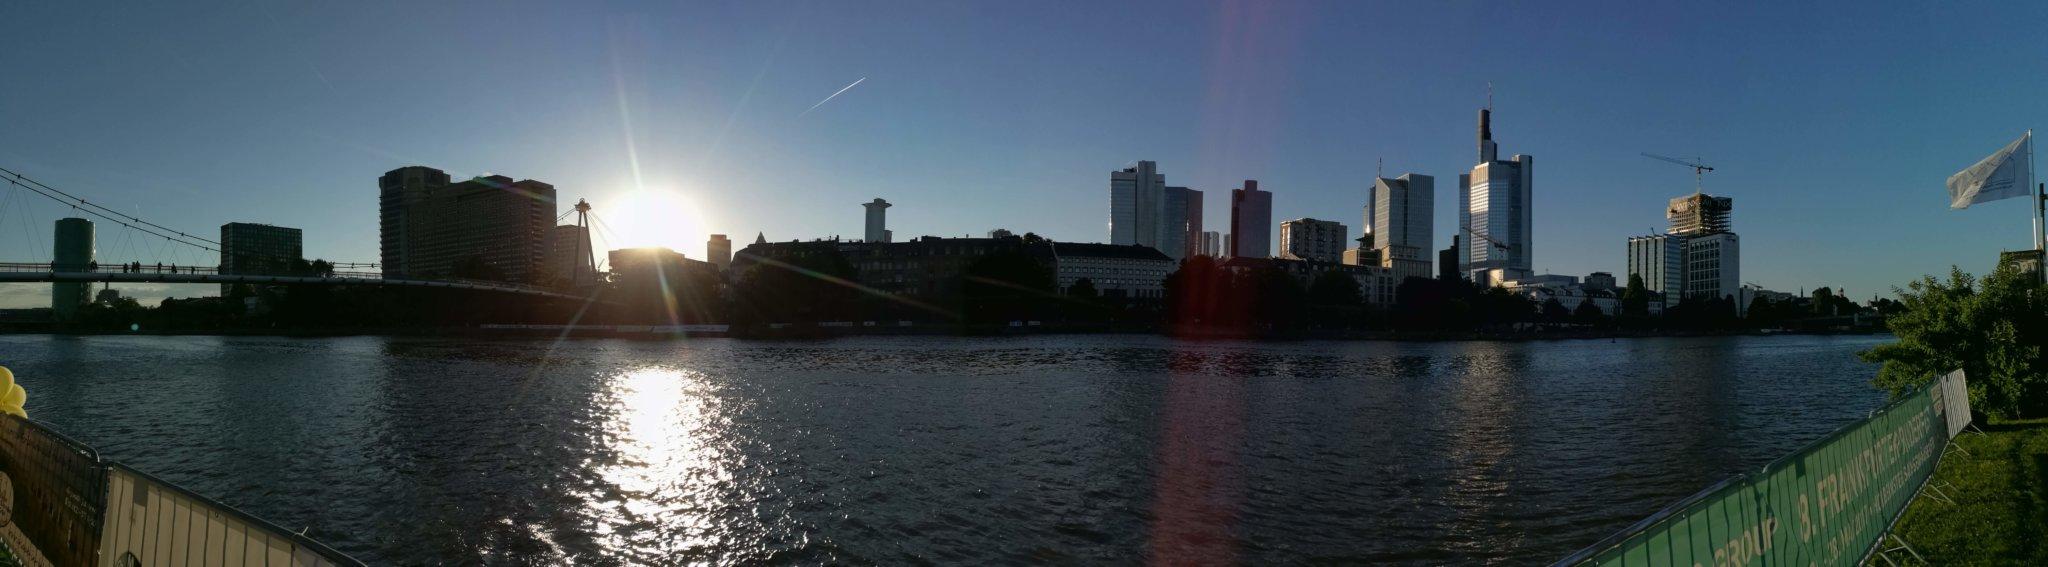 Frankfurt - Majna part a felhőkarcolókkal - Kocsmaturista